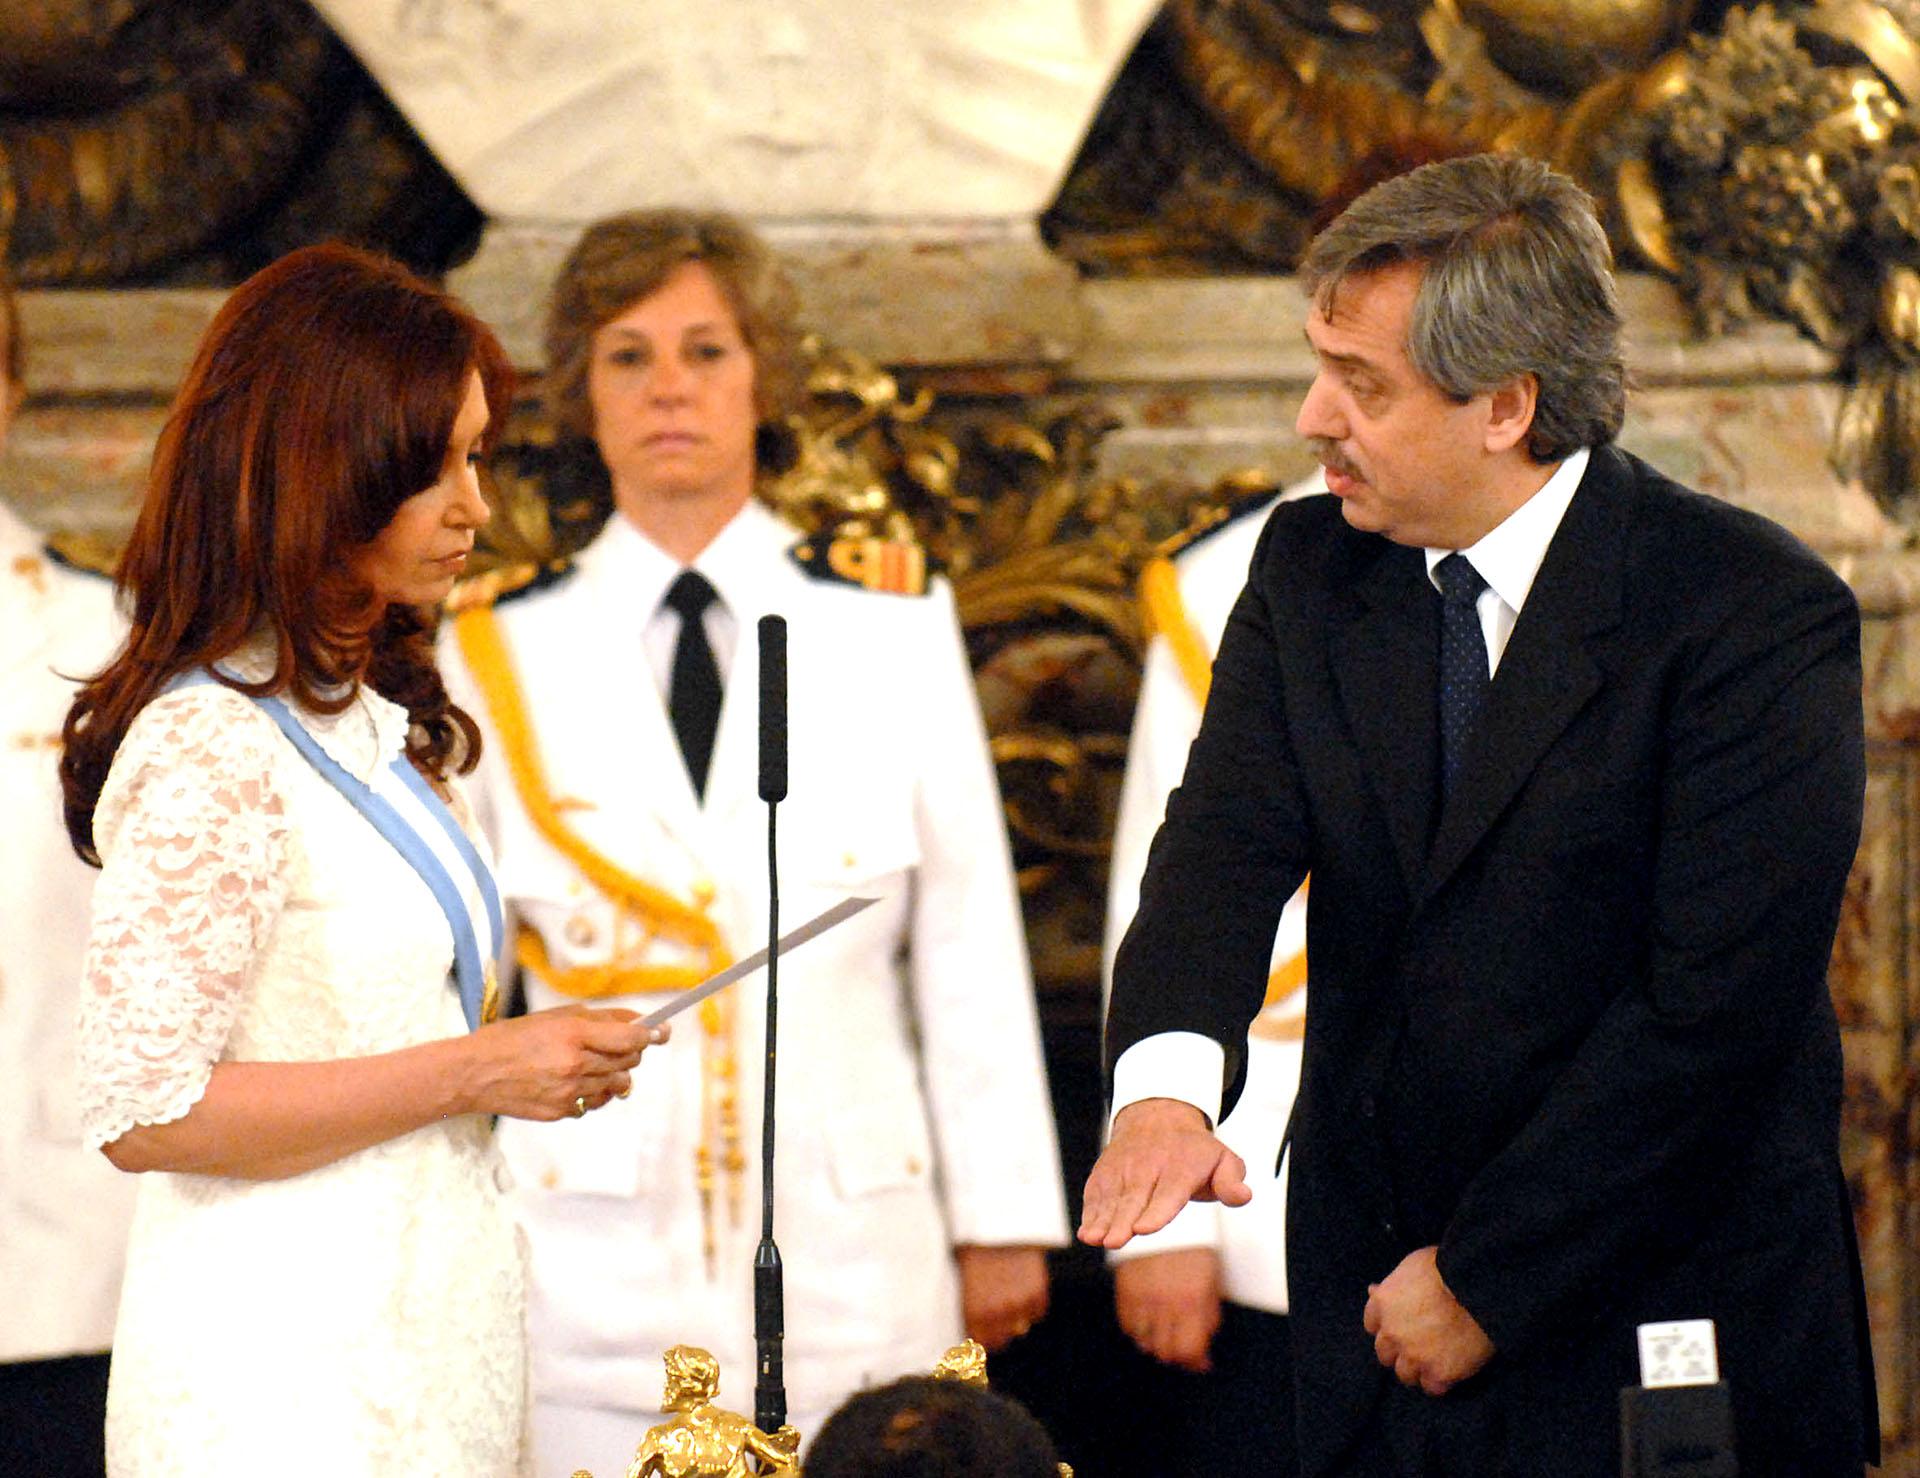 Alberto Fernández fue uno de los funcionarios que juró nuevamente en su cargo cuando asumió Cristina Kirchner en la presidencia, en el 2007. Fue también su jefe de campaña, posicionando una nueva etapa en el gobierno kirchnerista, con fuerte impronta institucional.